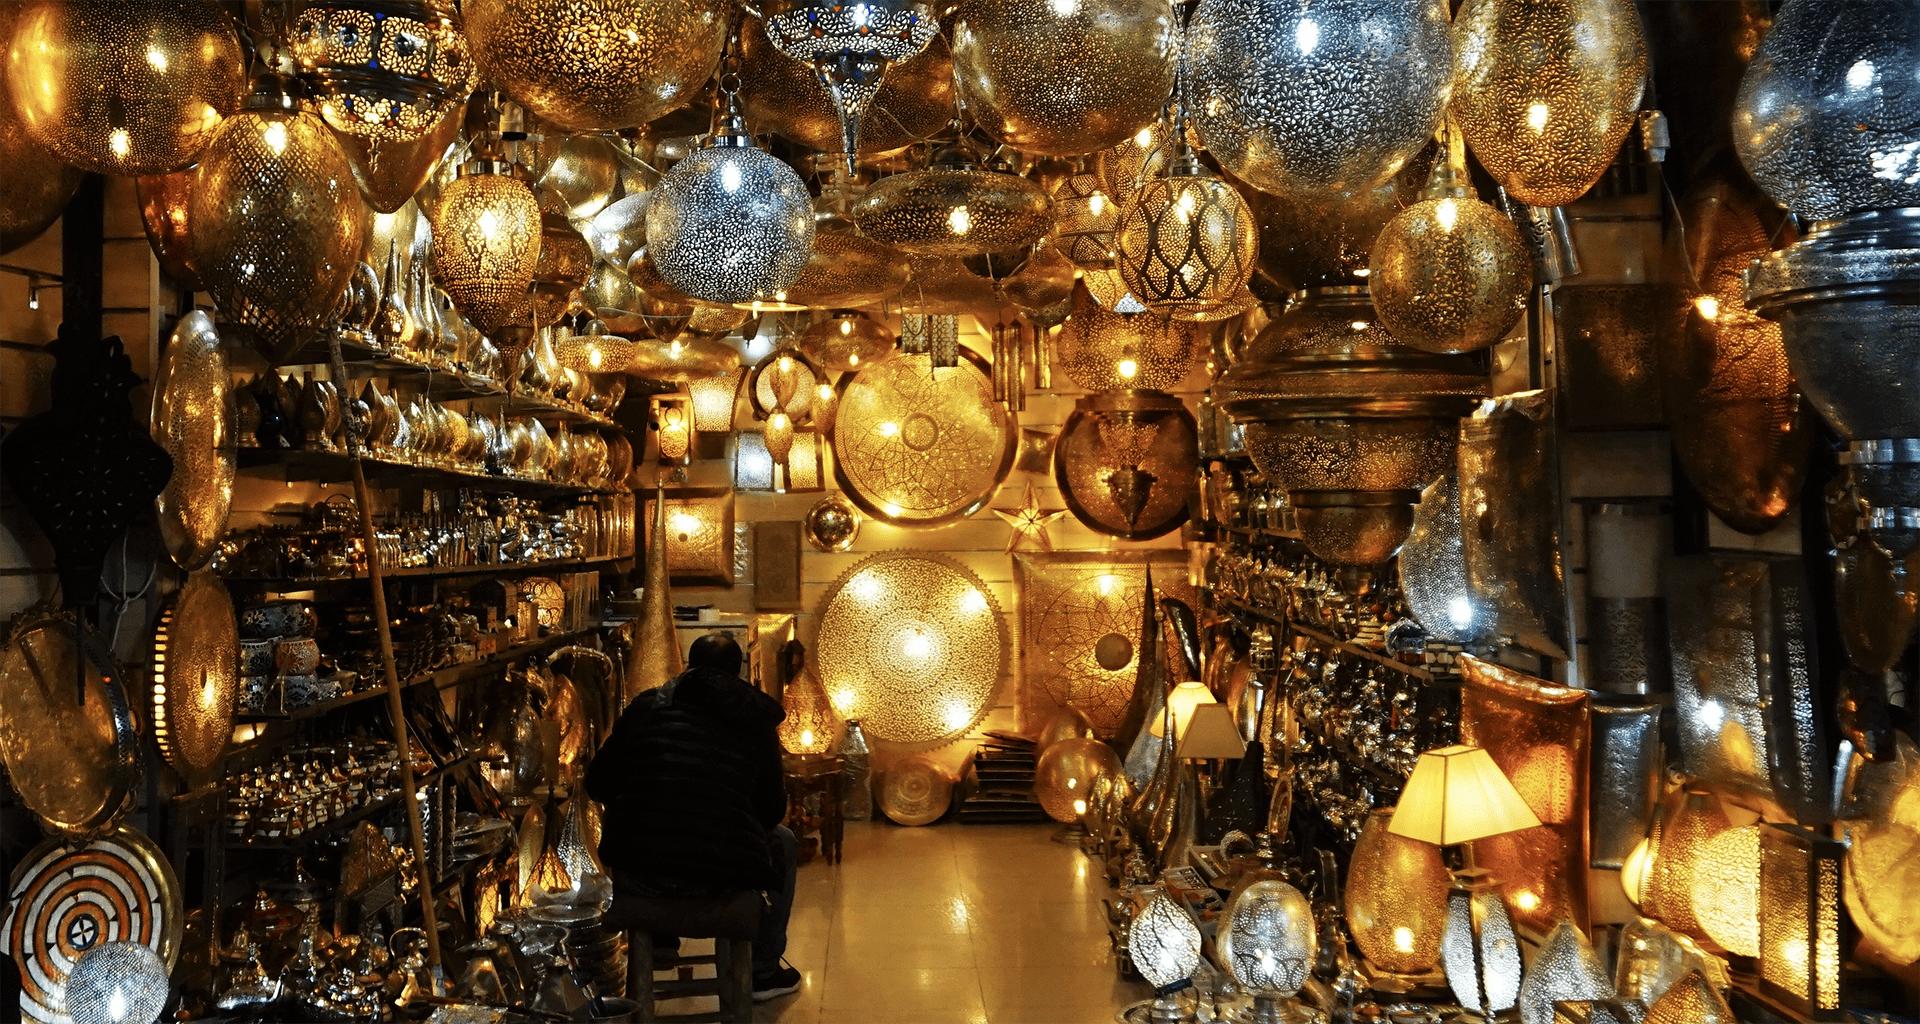 Vincent Piel - Souk de Marrakech - Bouts du monde